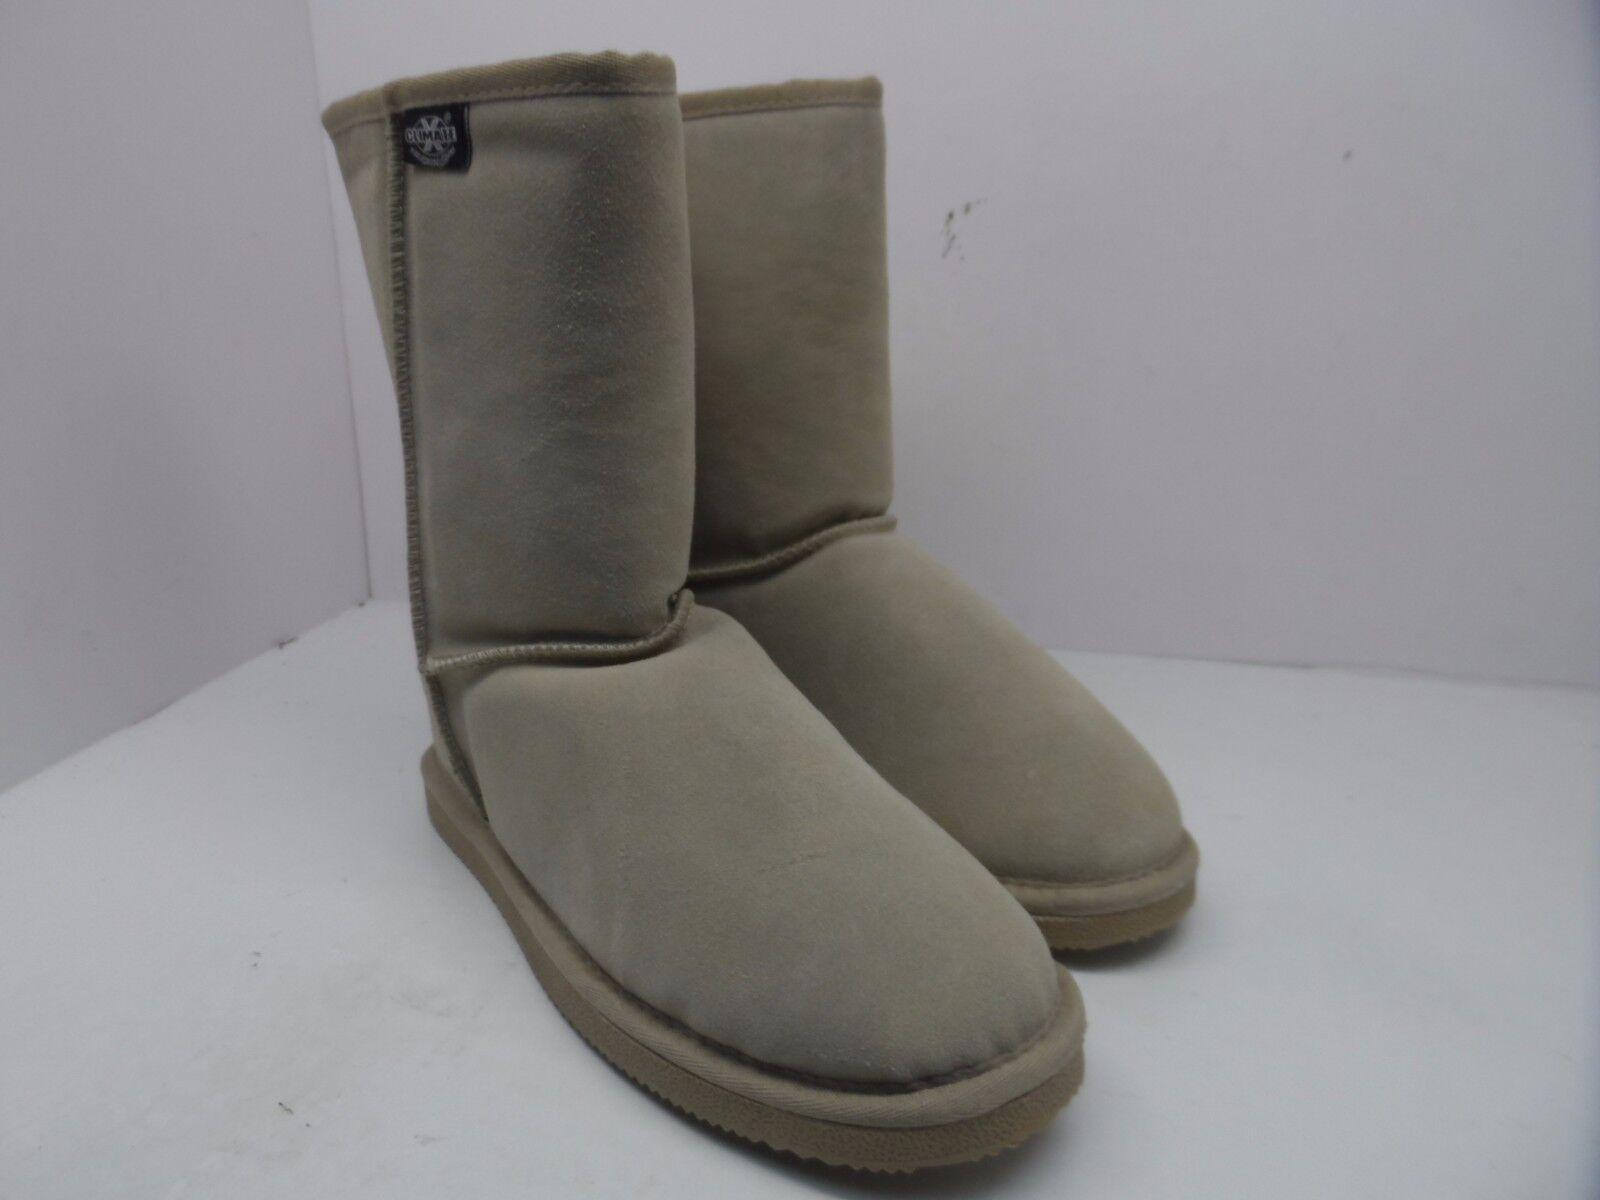 Climate X Women's Short Faux Fur Lined Boots Sands Size 7M